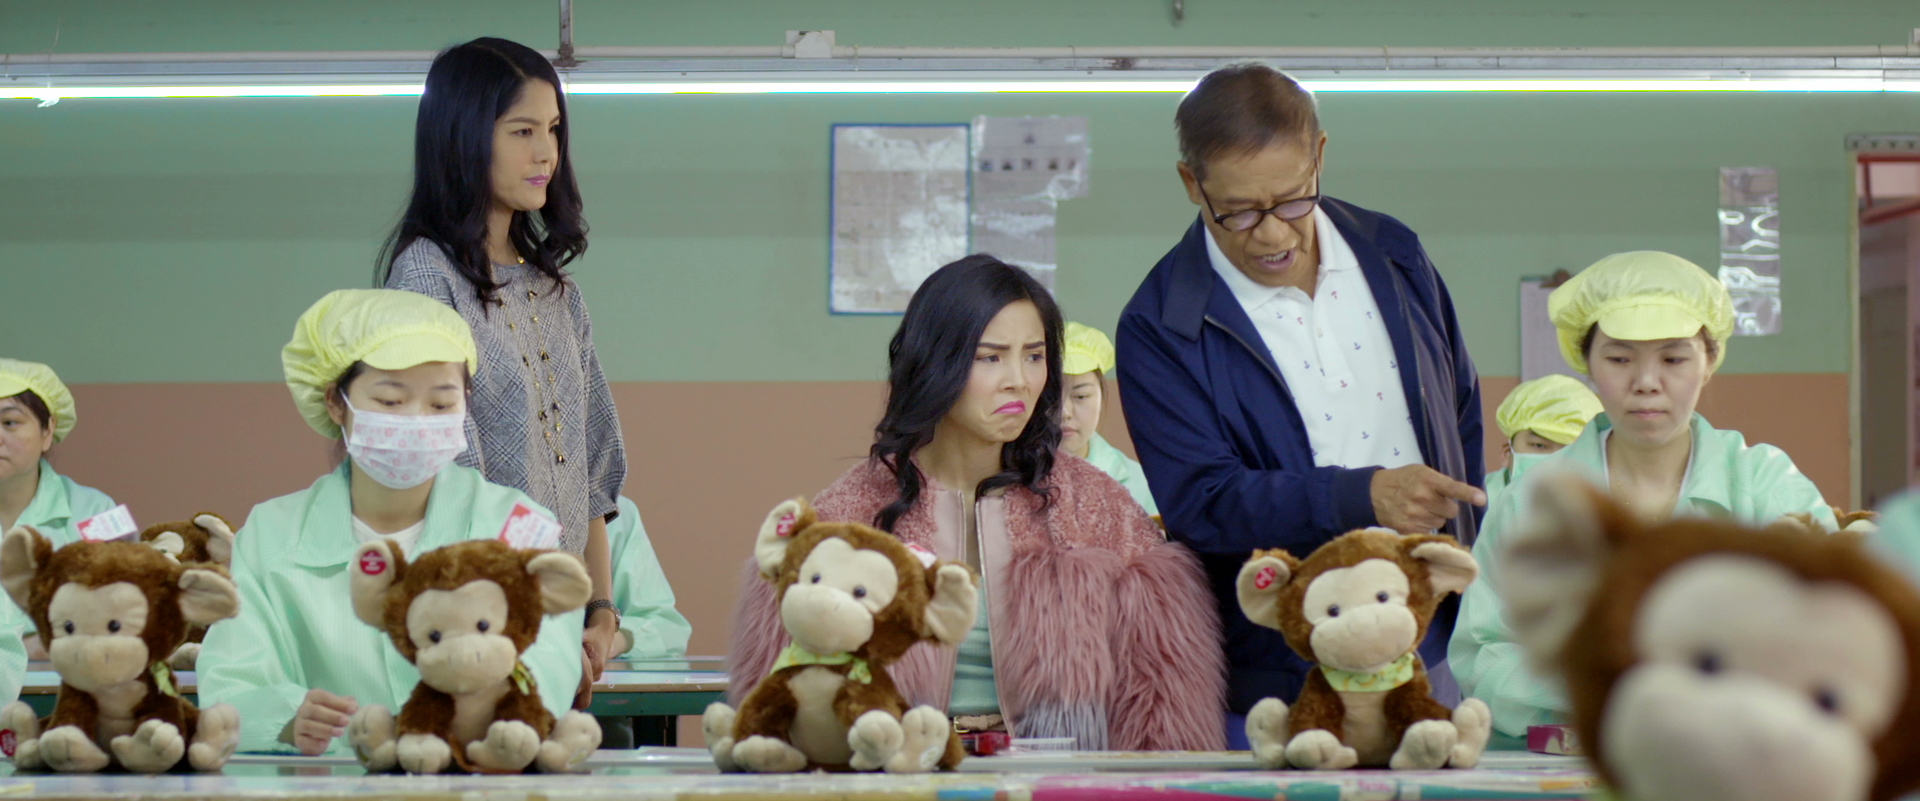 Lynn Chen, Anna Akana, and Richard Ng in Go Back to China still